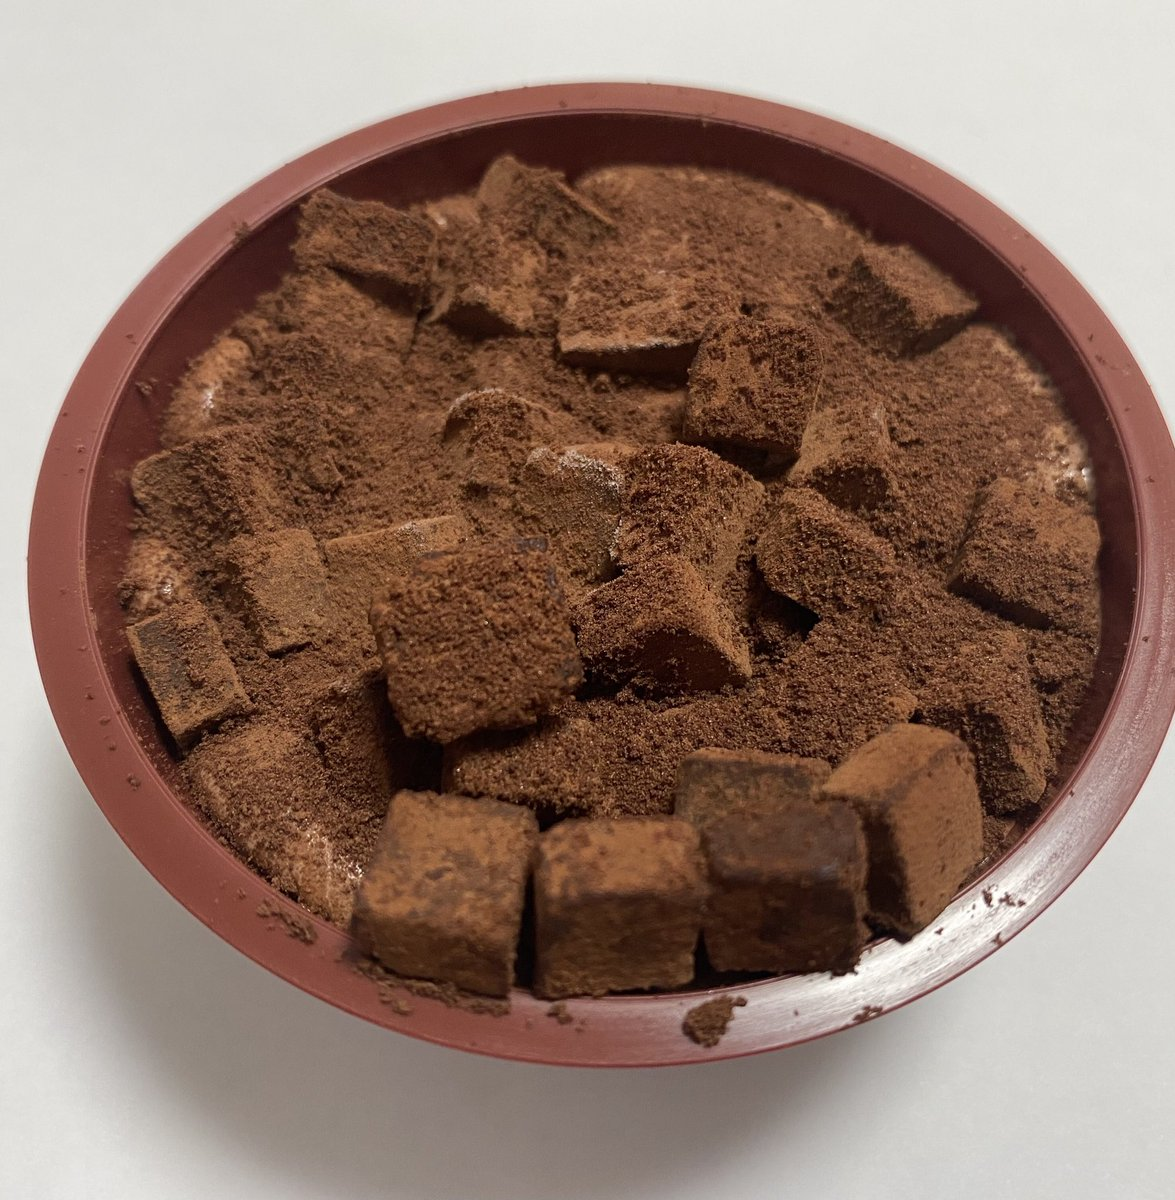 セブンイレブンから発売された、チョコアイスの上にダイス状の生チョコをたっぷりとトッピングした「生チョコアイス」✨